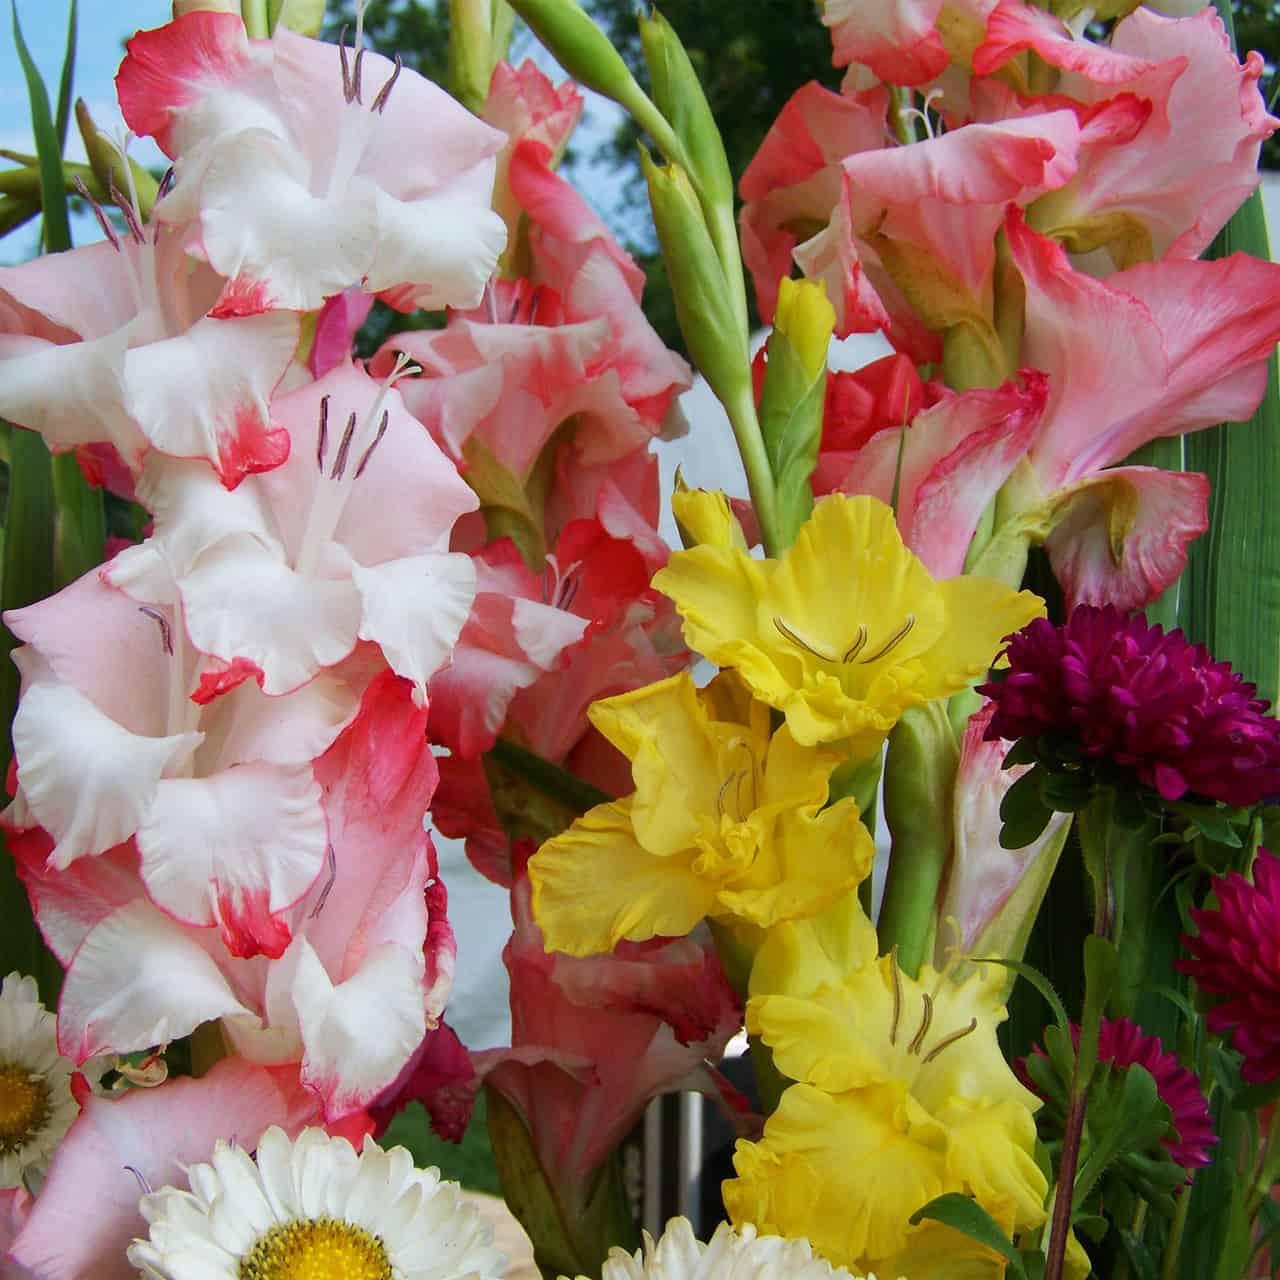 Gladioluksen eli miekkaliljan sipulit ja muut kevätsipulit Pirilän Kukkatalosta edullisesti irtomyynnistä